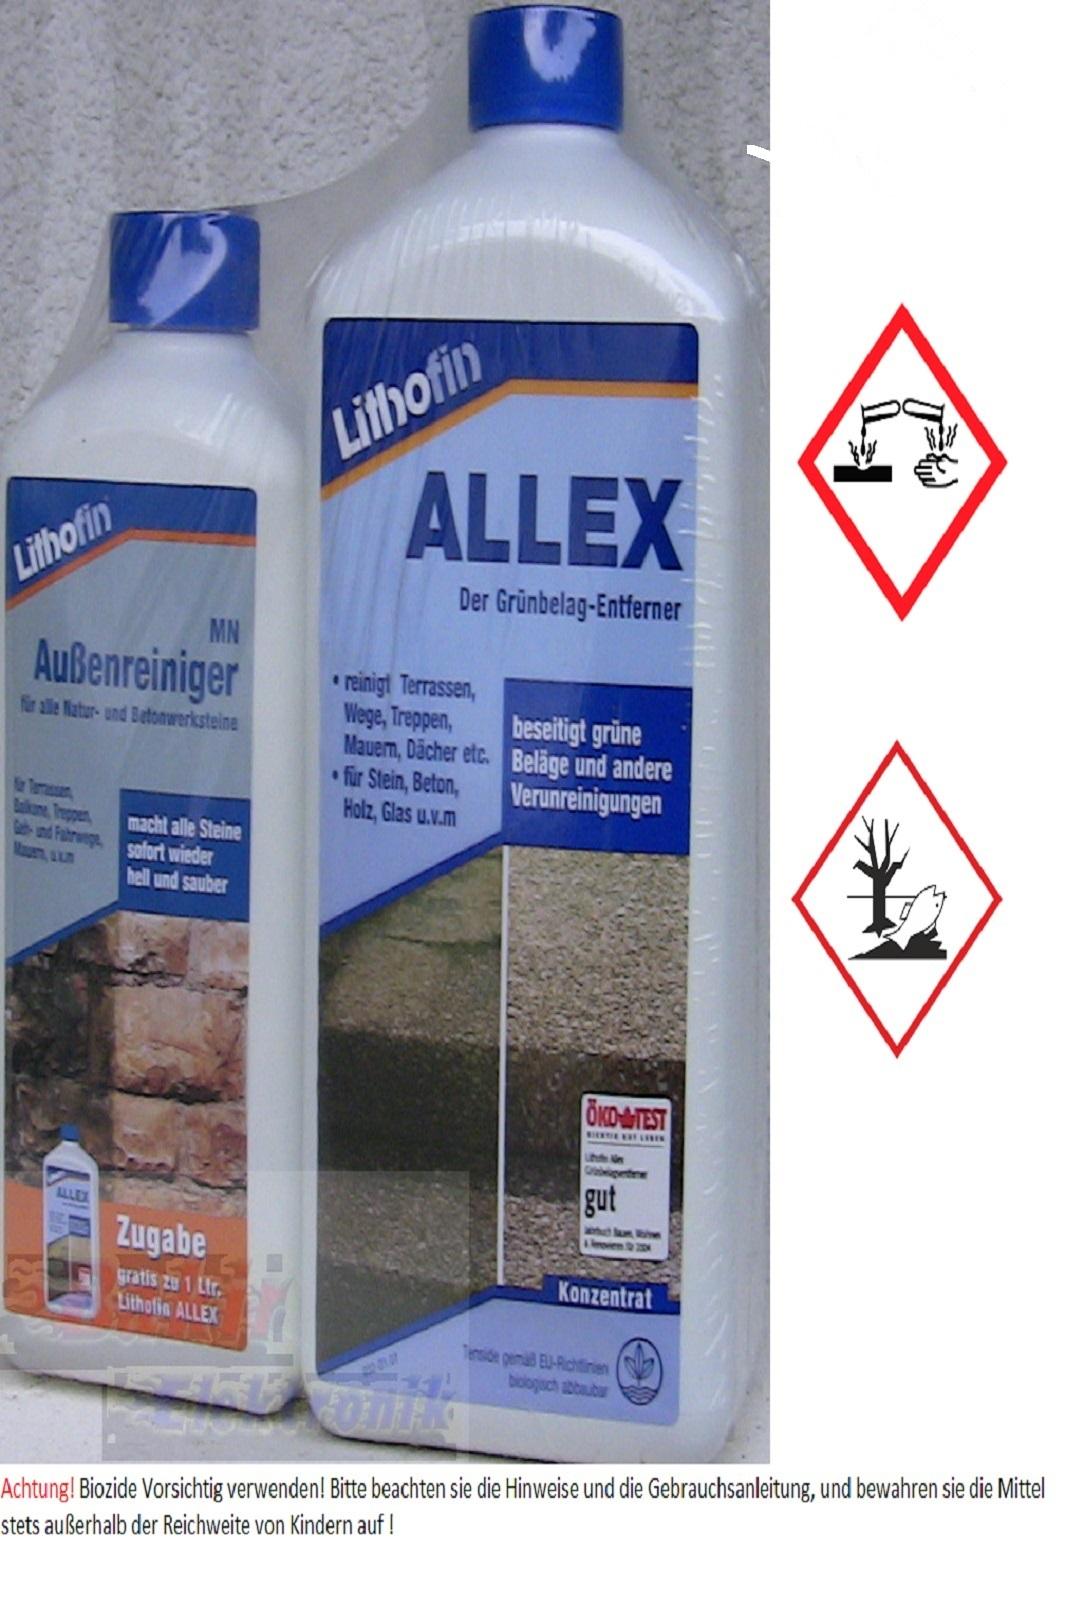 Lithofin ALLEX Grünbelagentferner plus 500 ml MN Aussenreiniger GRATIS